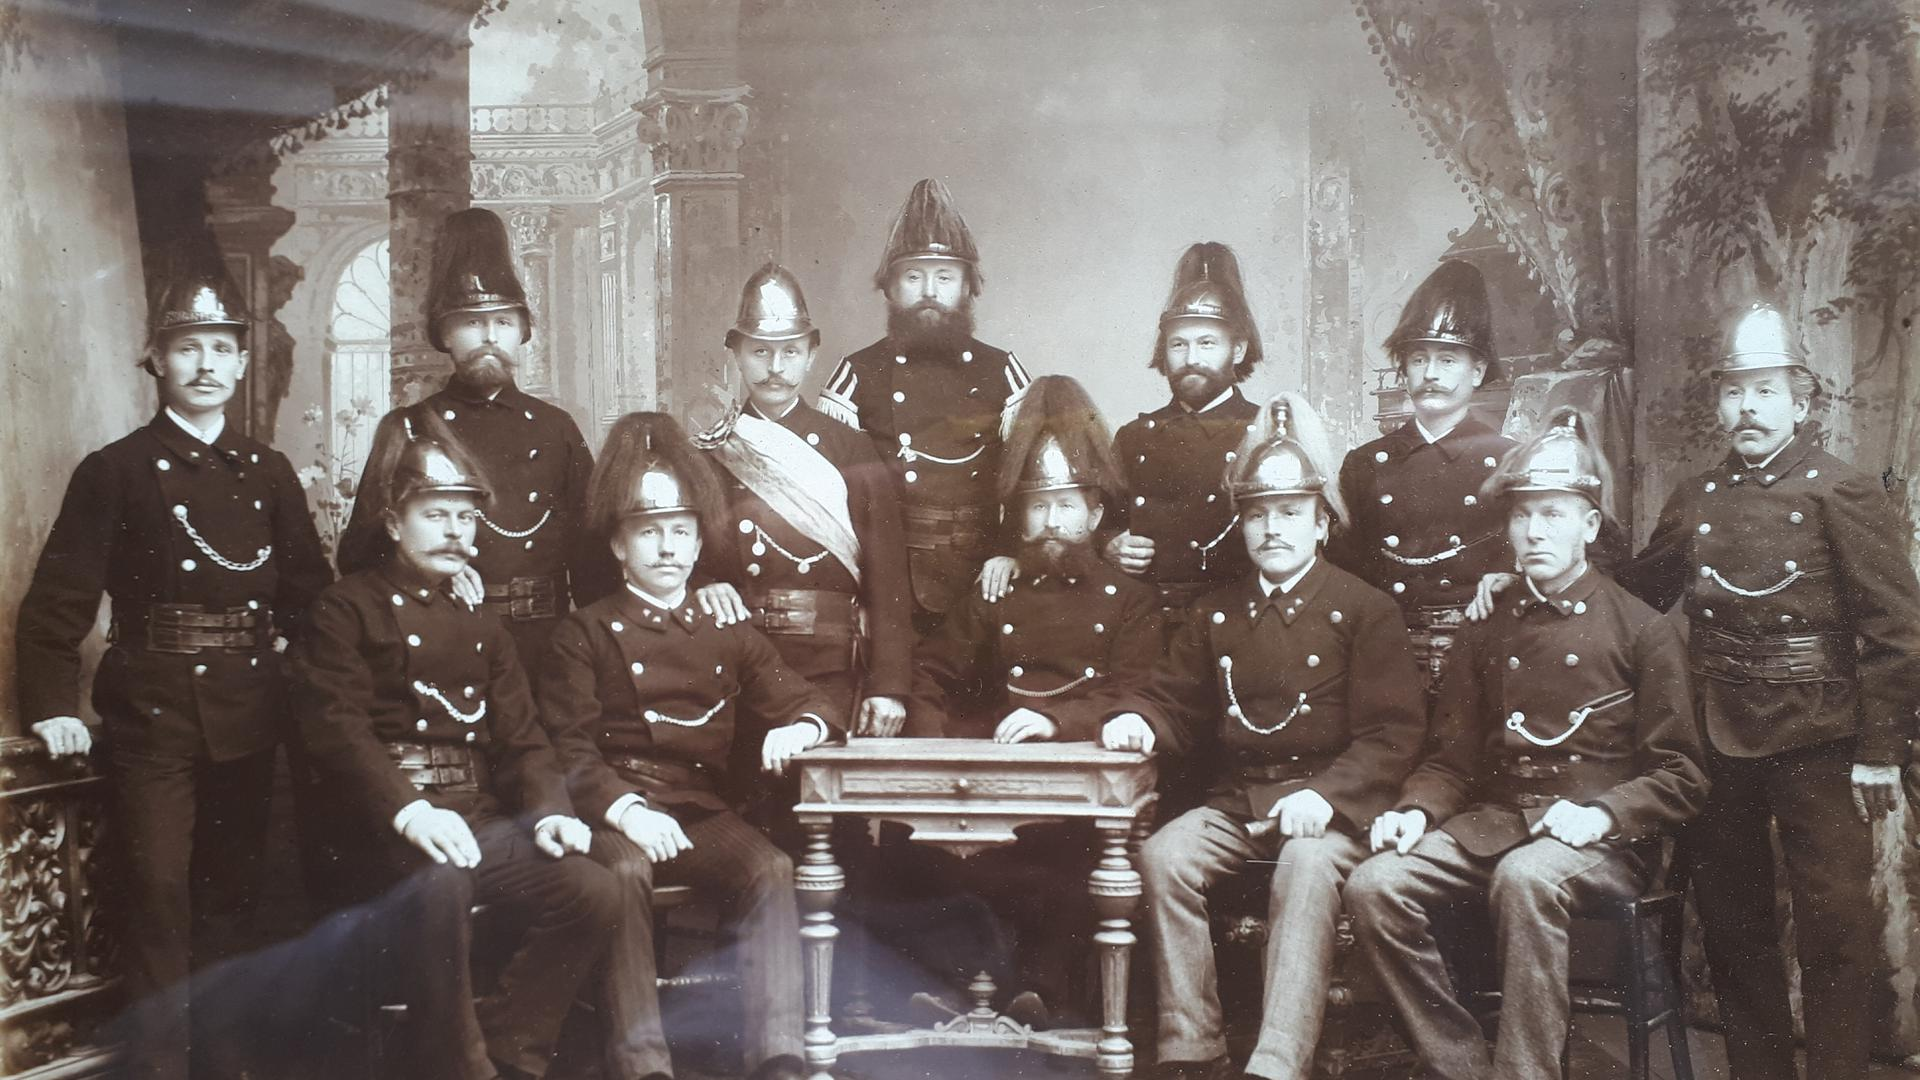 Die Kameradschaft im Jahr 1925: Mitglieder des Freiwilligen Feuerwehr-Korps Malsch posieren für ein Foto.